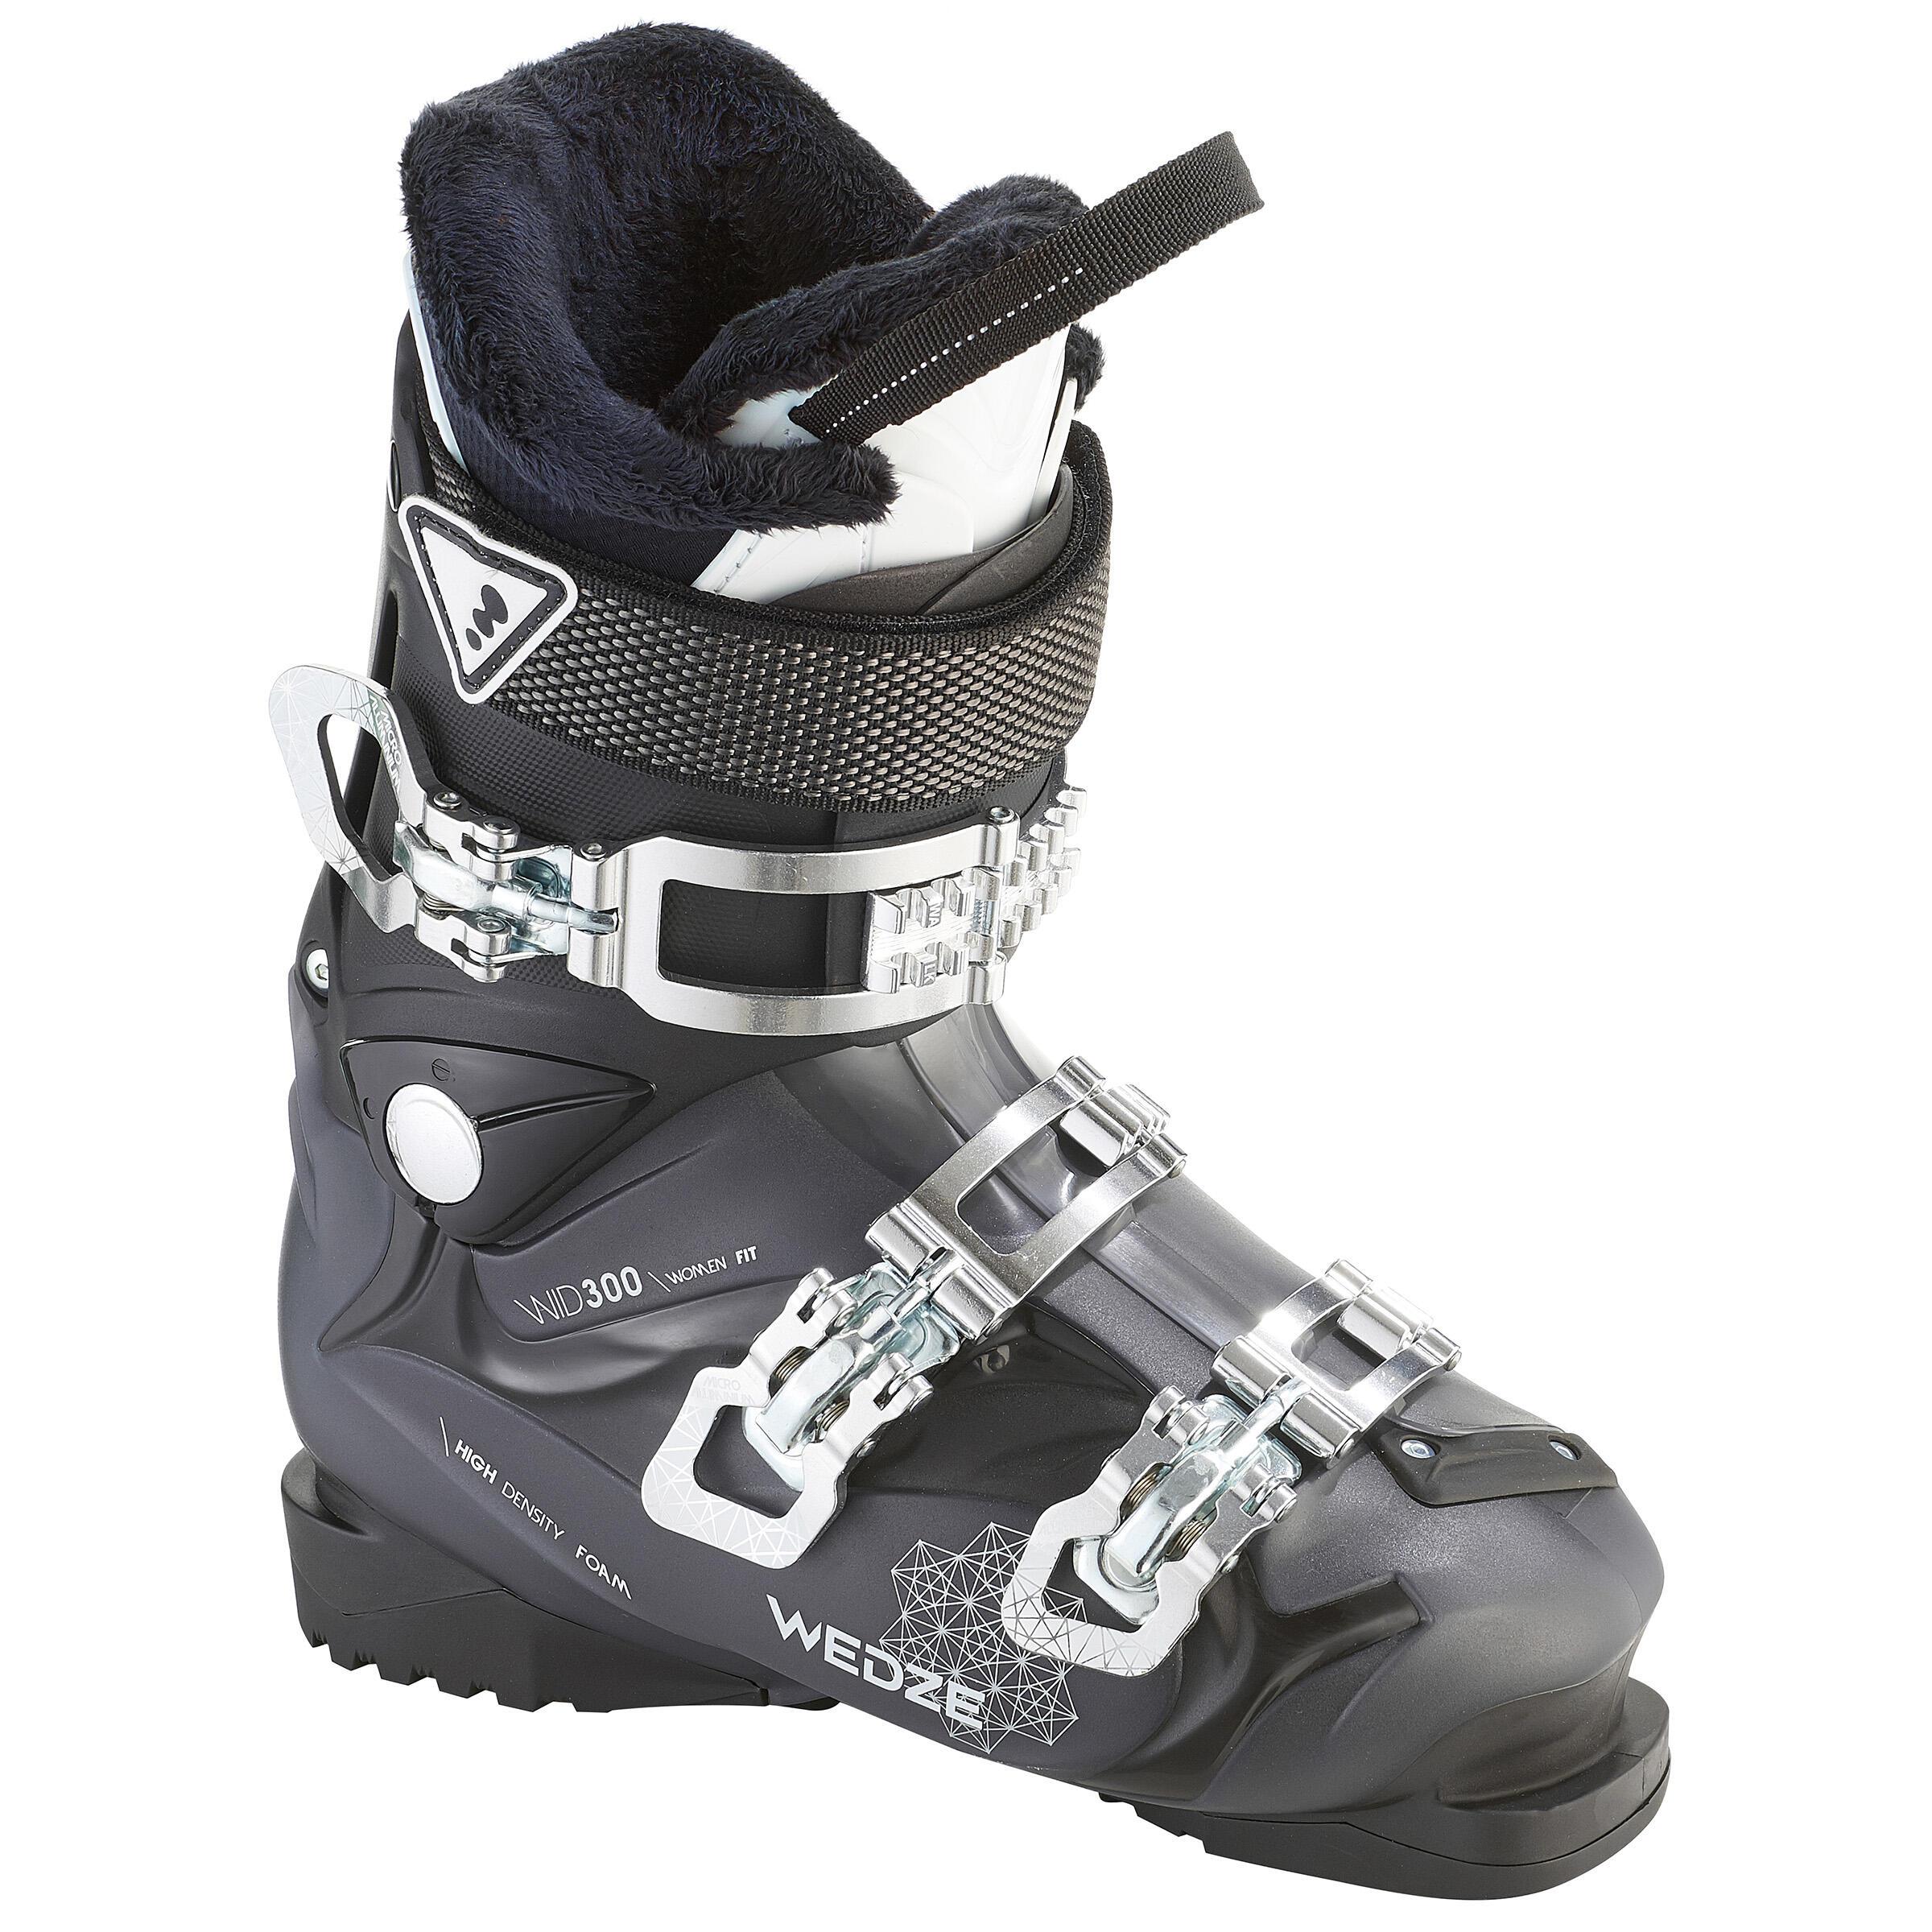 Wed'ze Dames skischoenen voor pisteskiën SKI-P BOOT WID 300 zwart